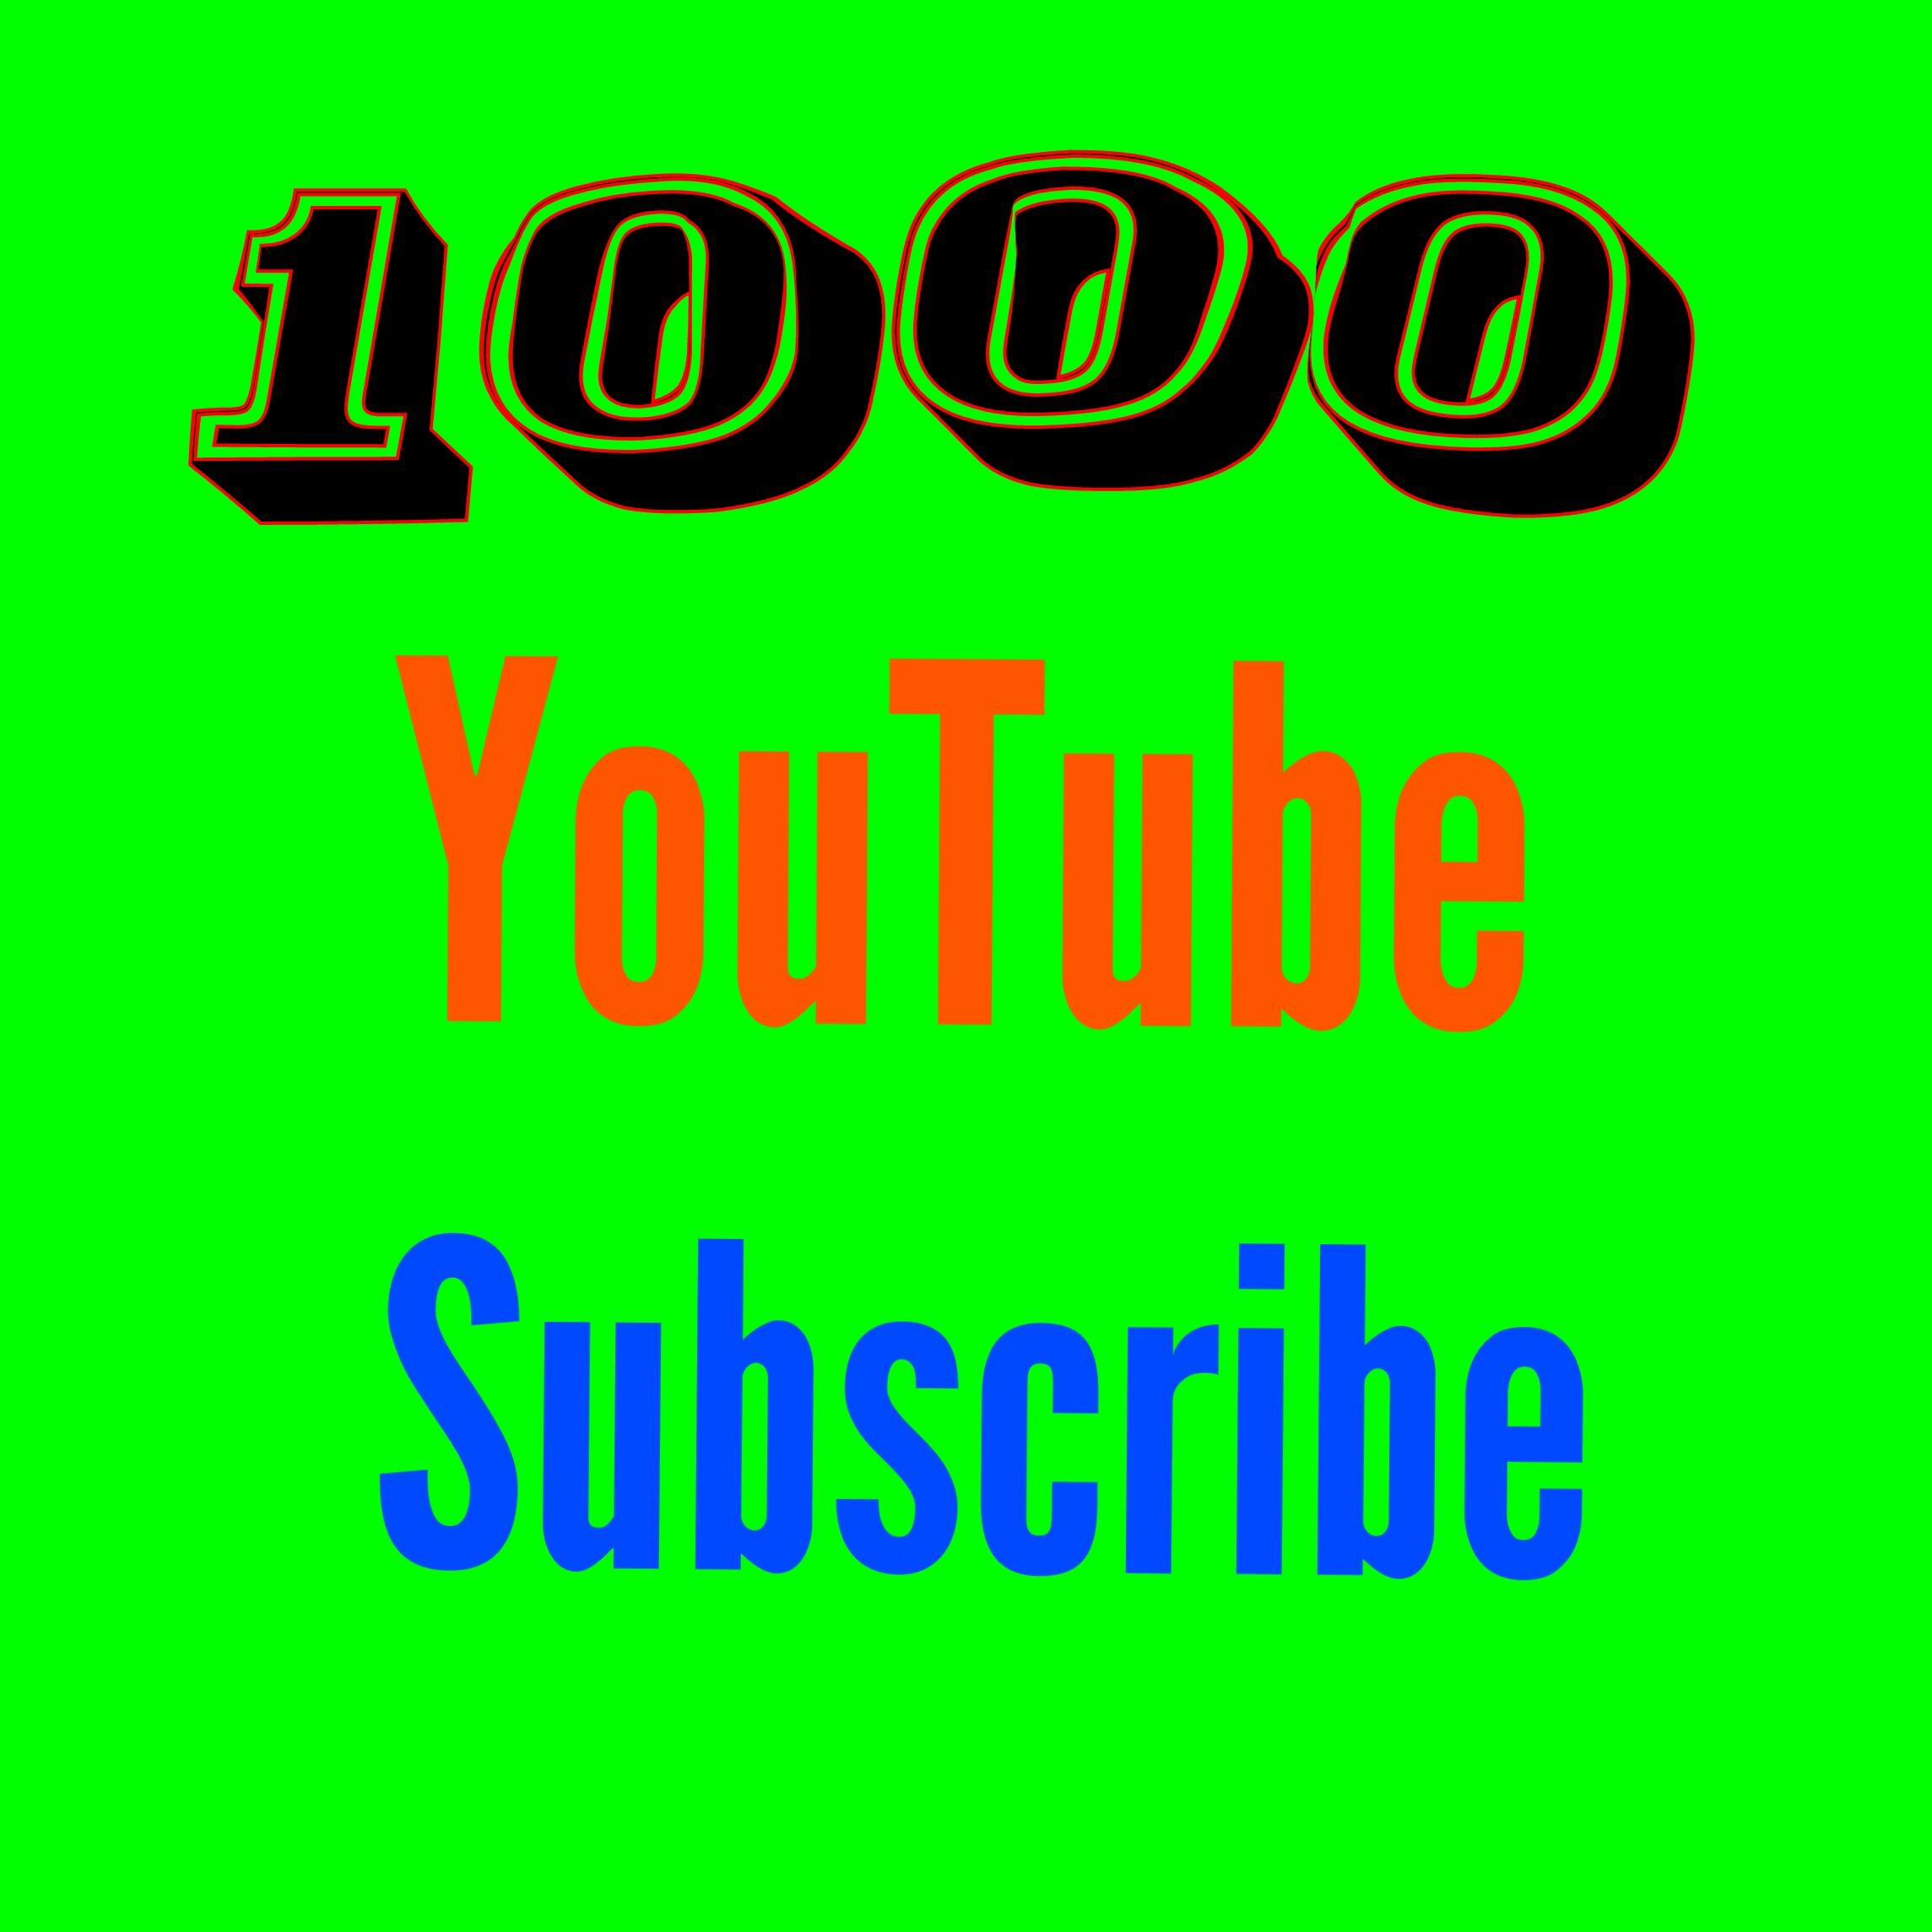 Active 1000 You'tube subs'cribe nondrop guaranteed